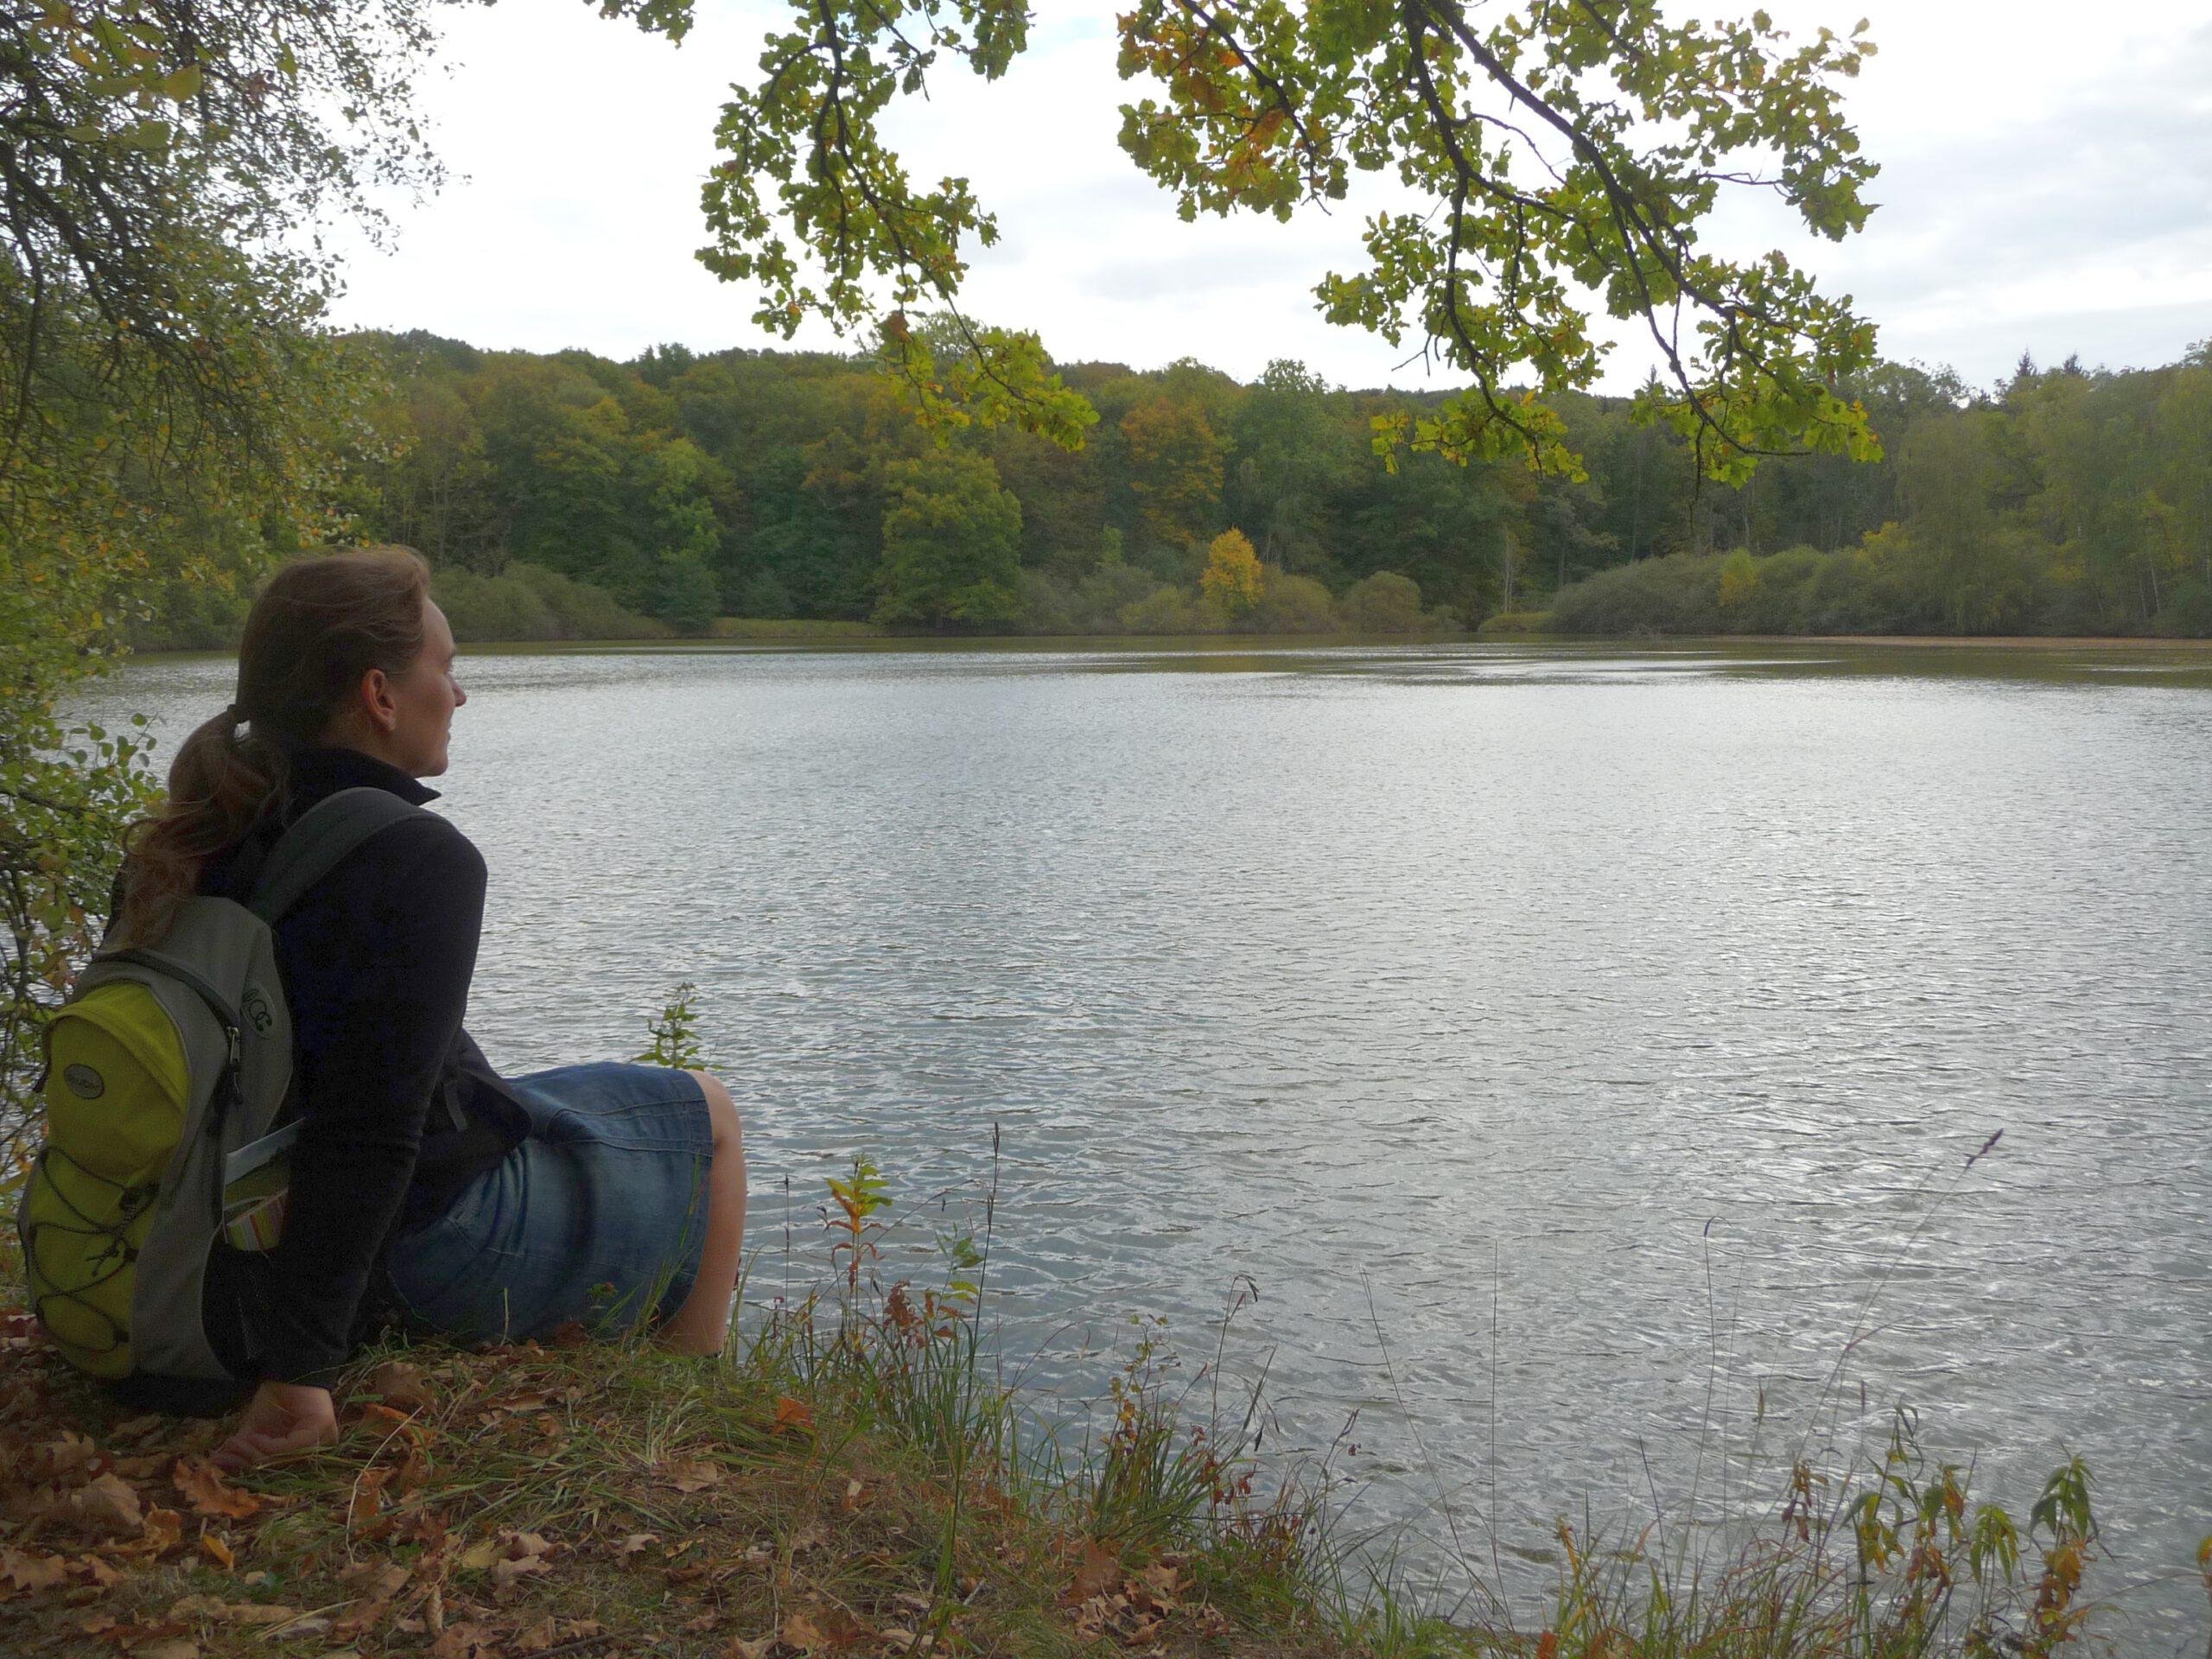 Wolfsee bei Iphofen - Die Pfarrerin Regina Westphal leitet Spirituelle Tagestouren und in die Auszeit